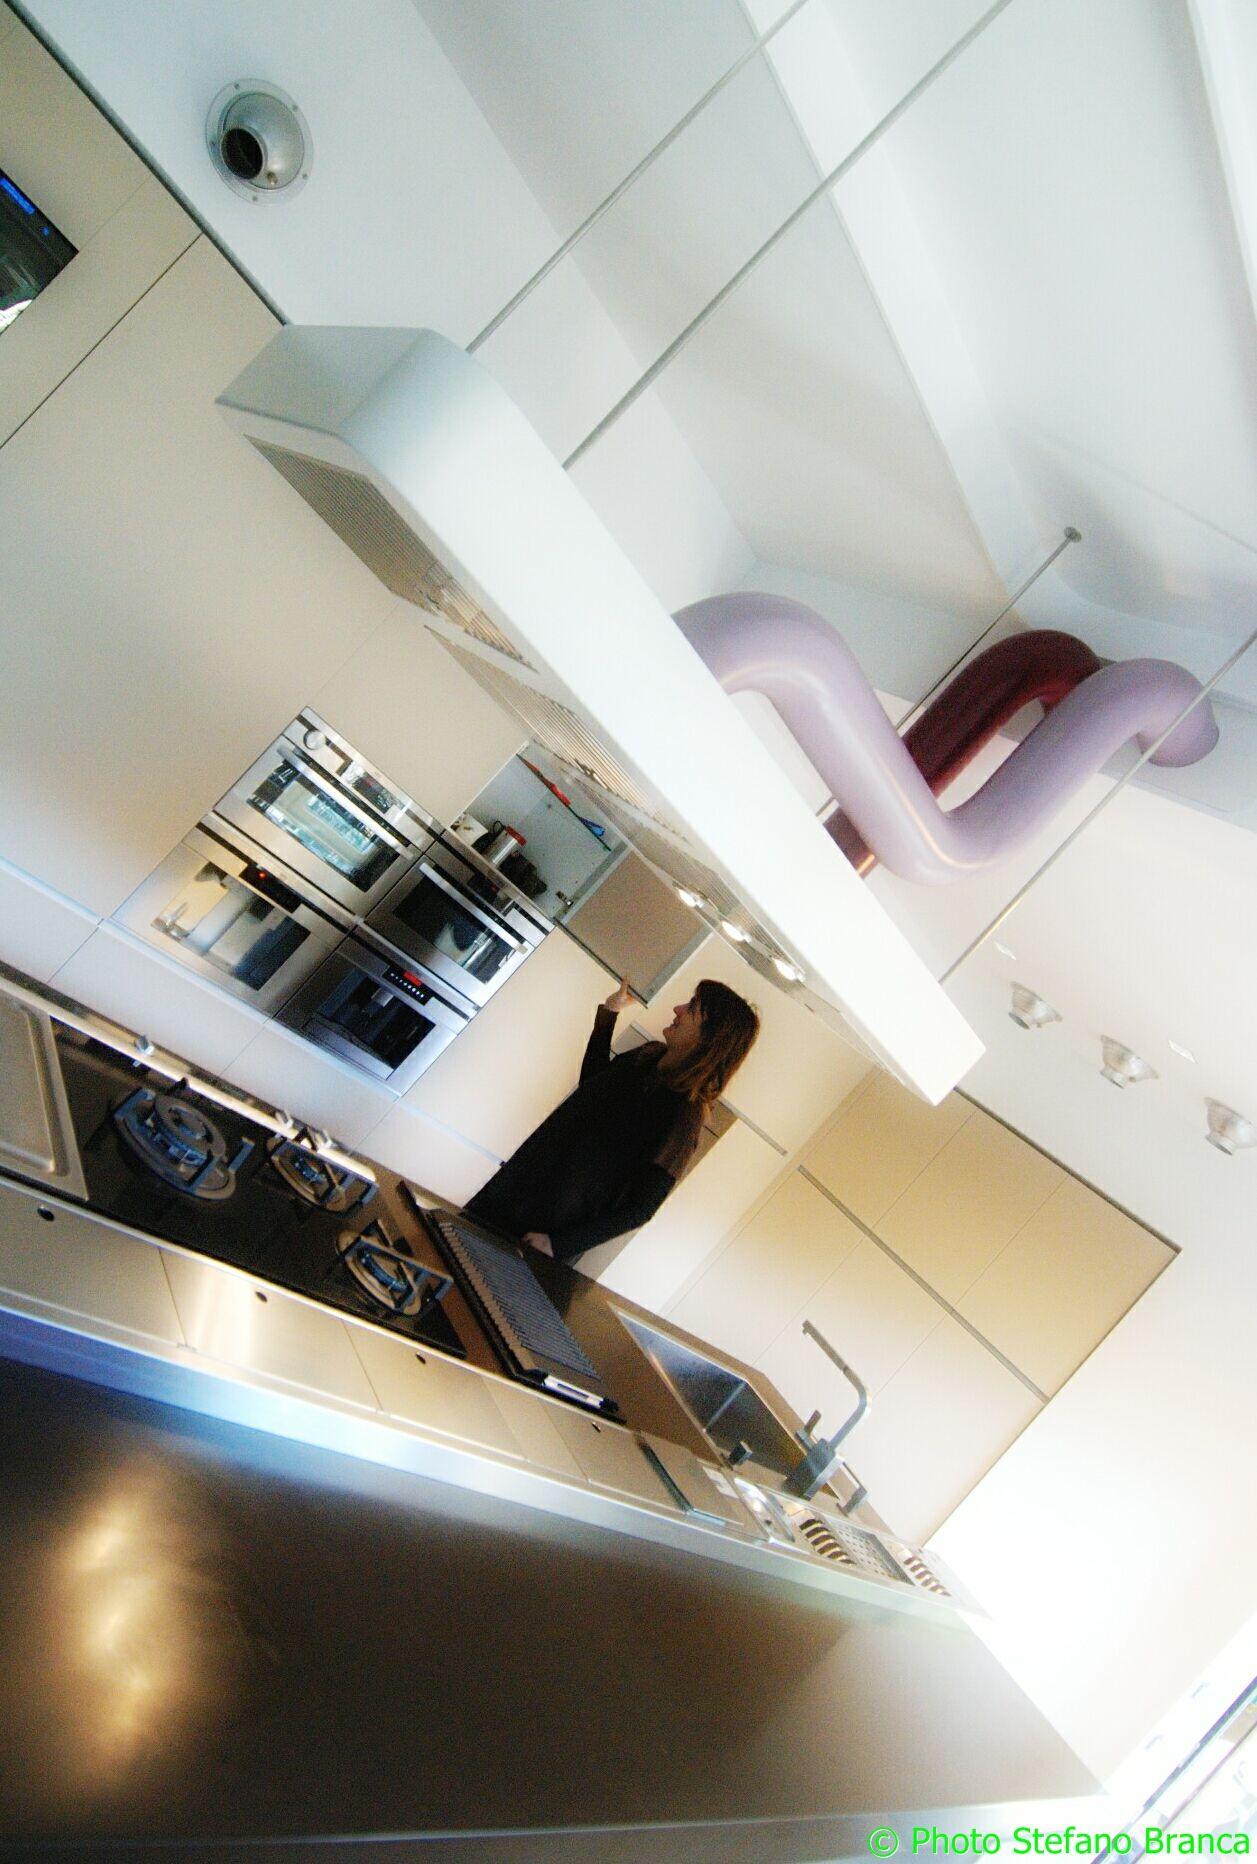 Abitazione privata casa delle mappe cucina a vista con - Canalizzazione aria condizionata ...